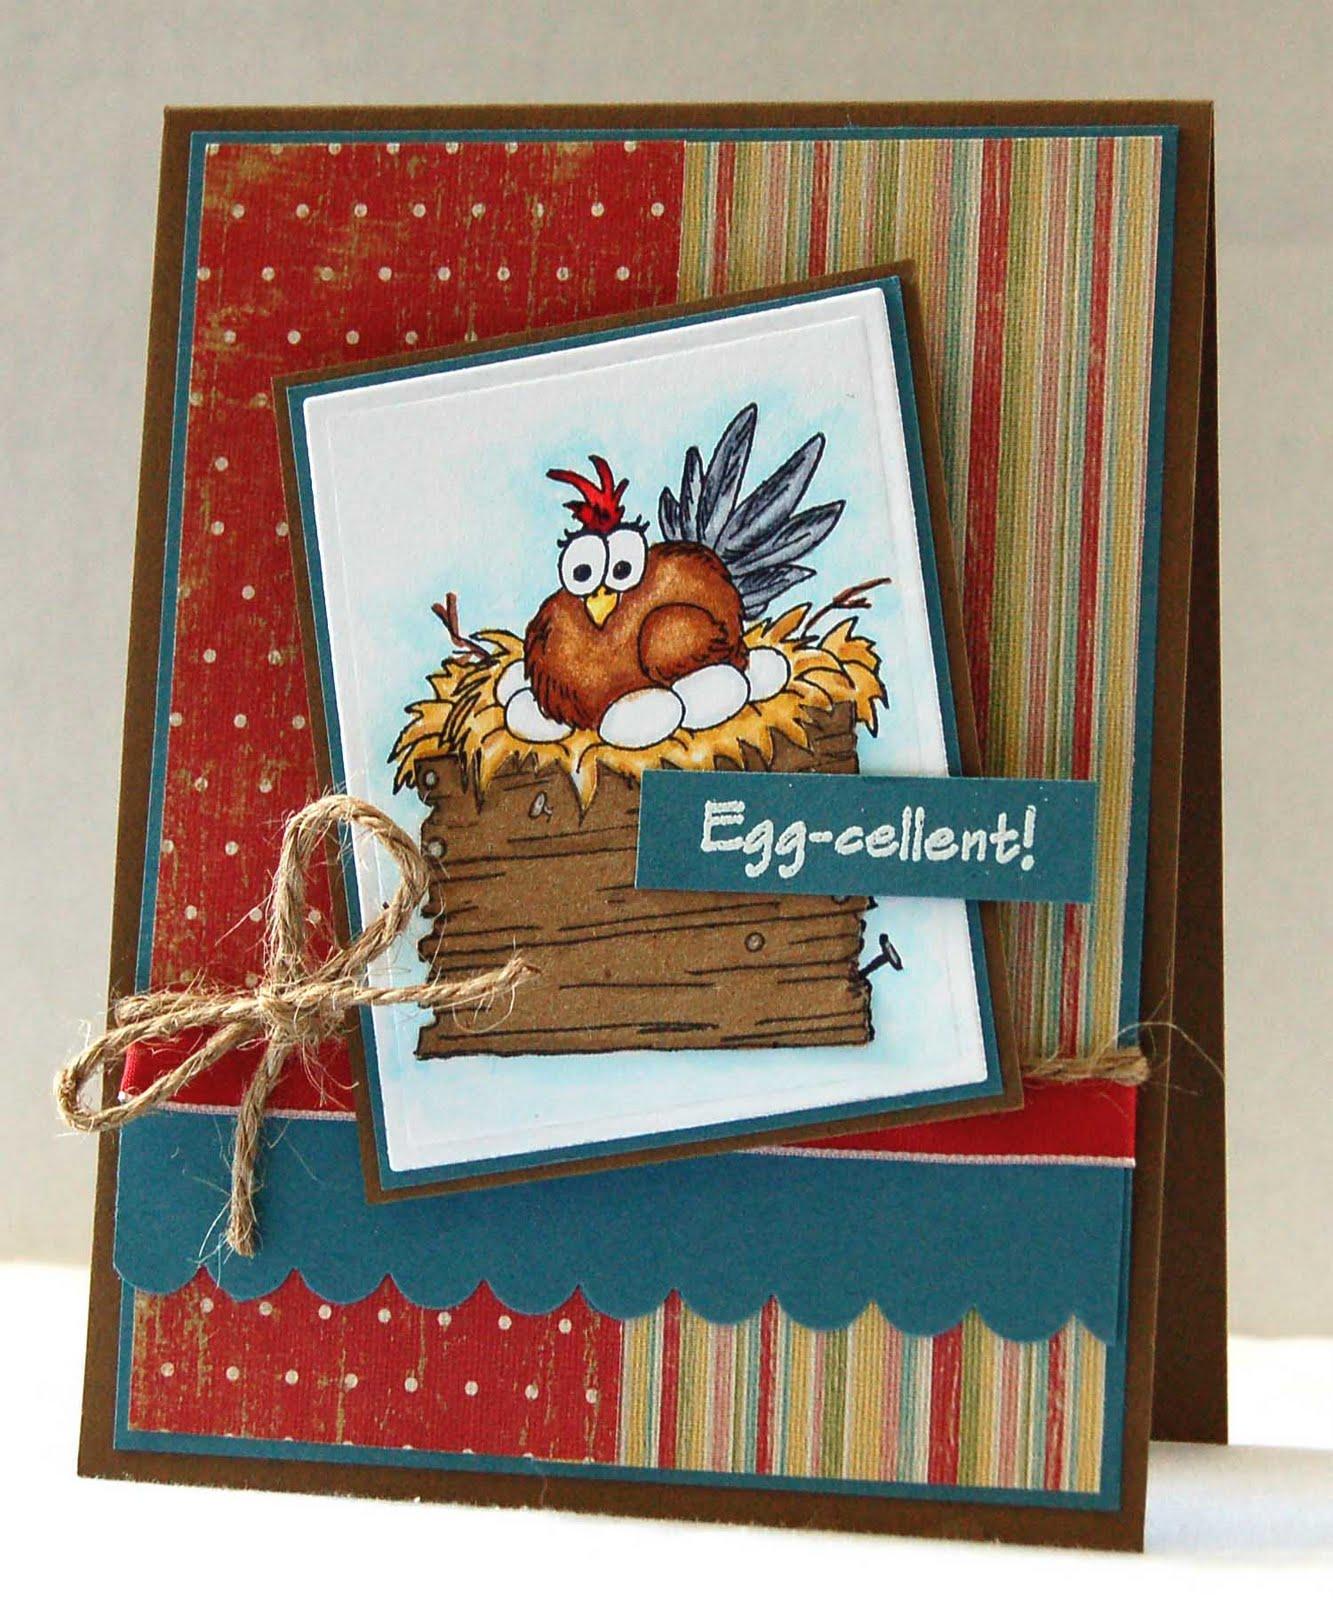 http://2.bp.blogspot.com/_o9K1aDTCW9k/TGL6n326SKI/AAAAAAAACgk/vxiROKiCFXM/s1600/PP+blog+hop+chicken+aug+10.jpg